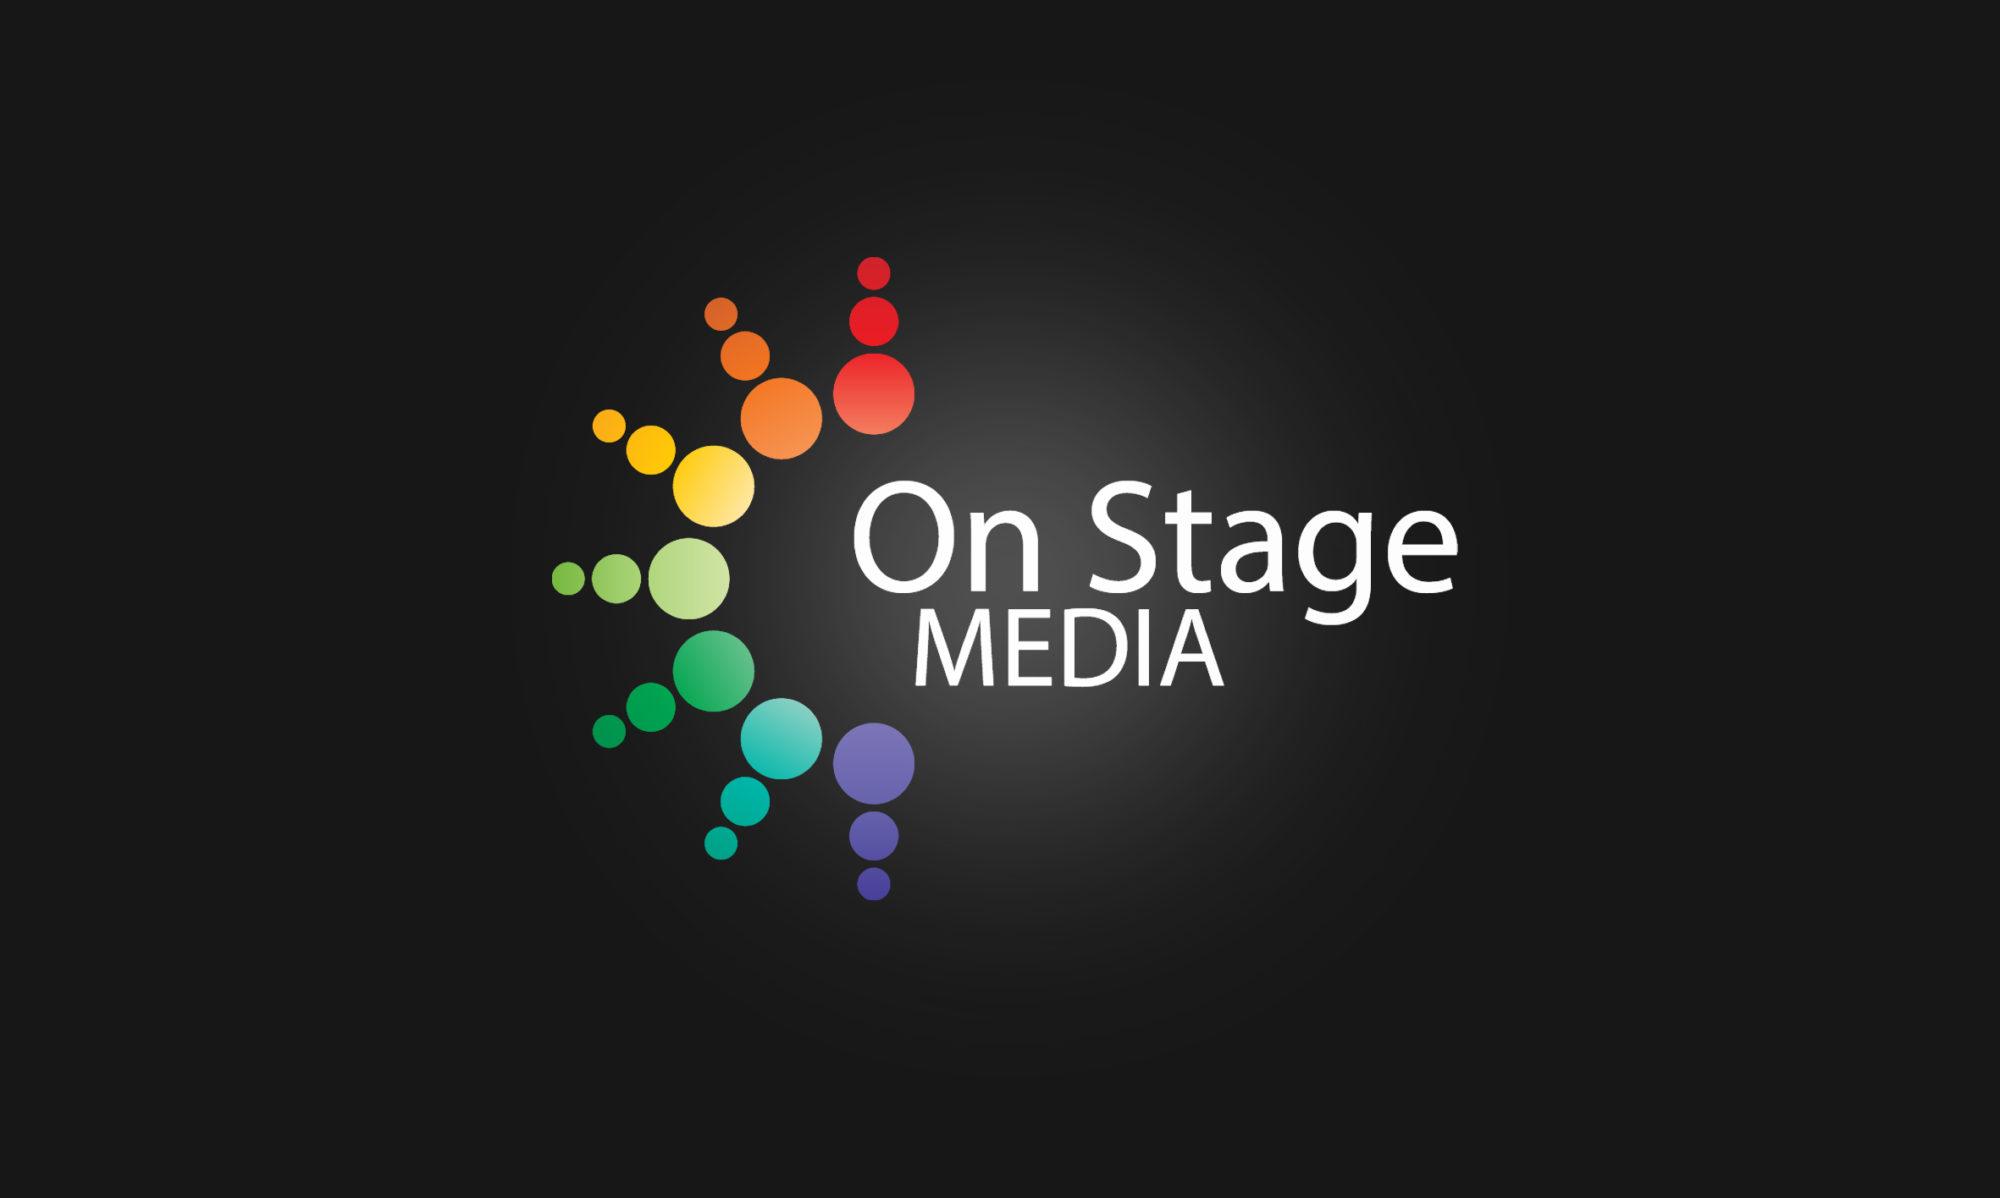 On Stage Media